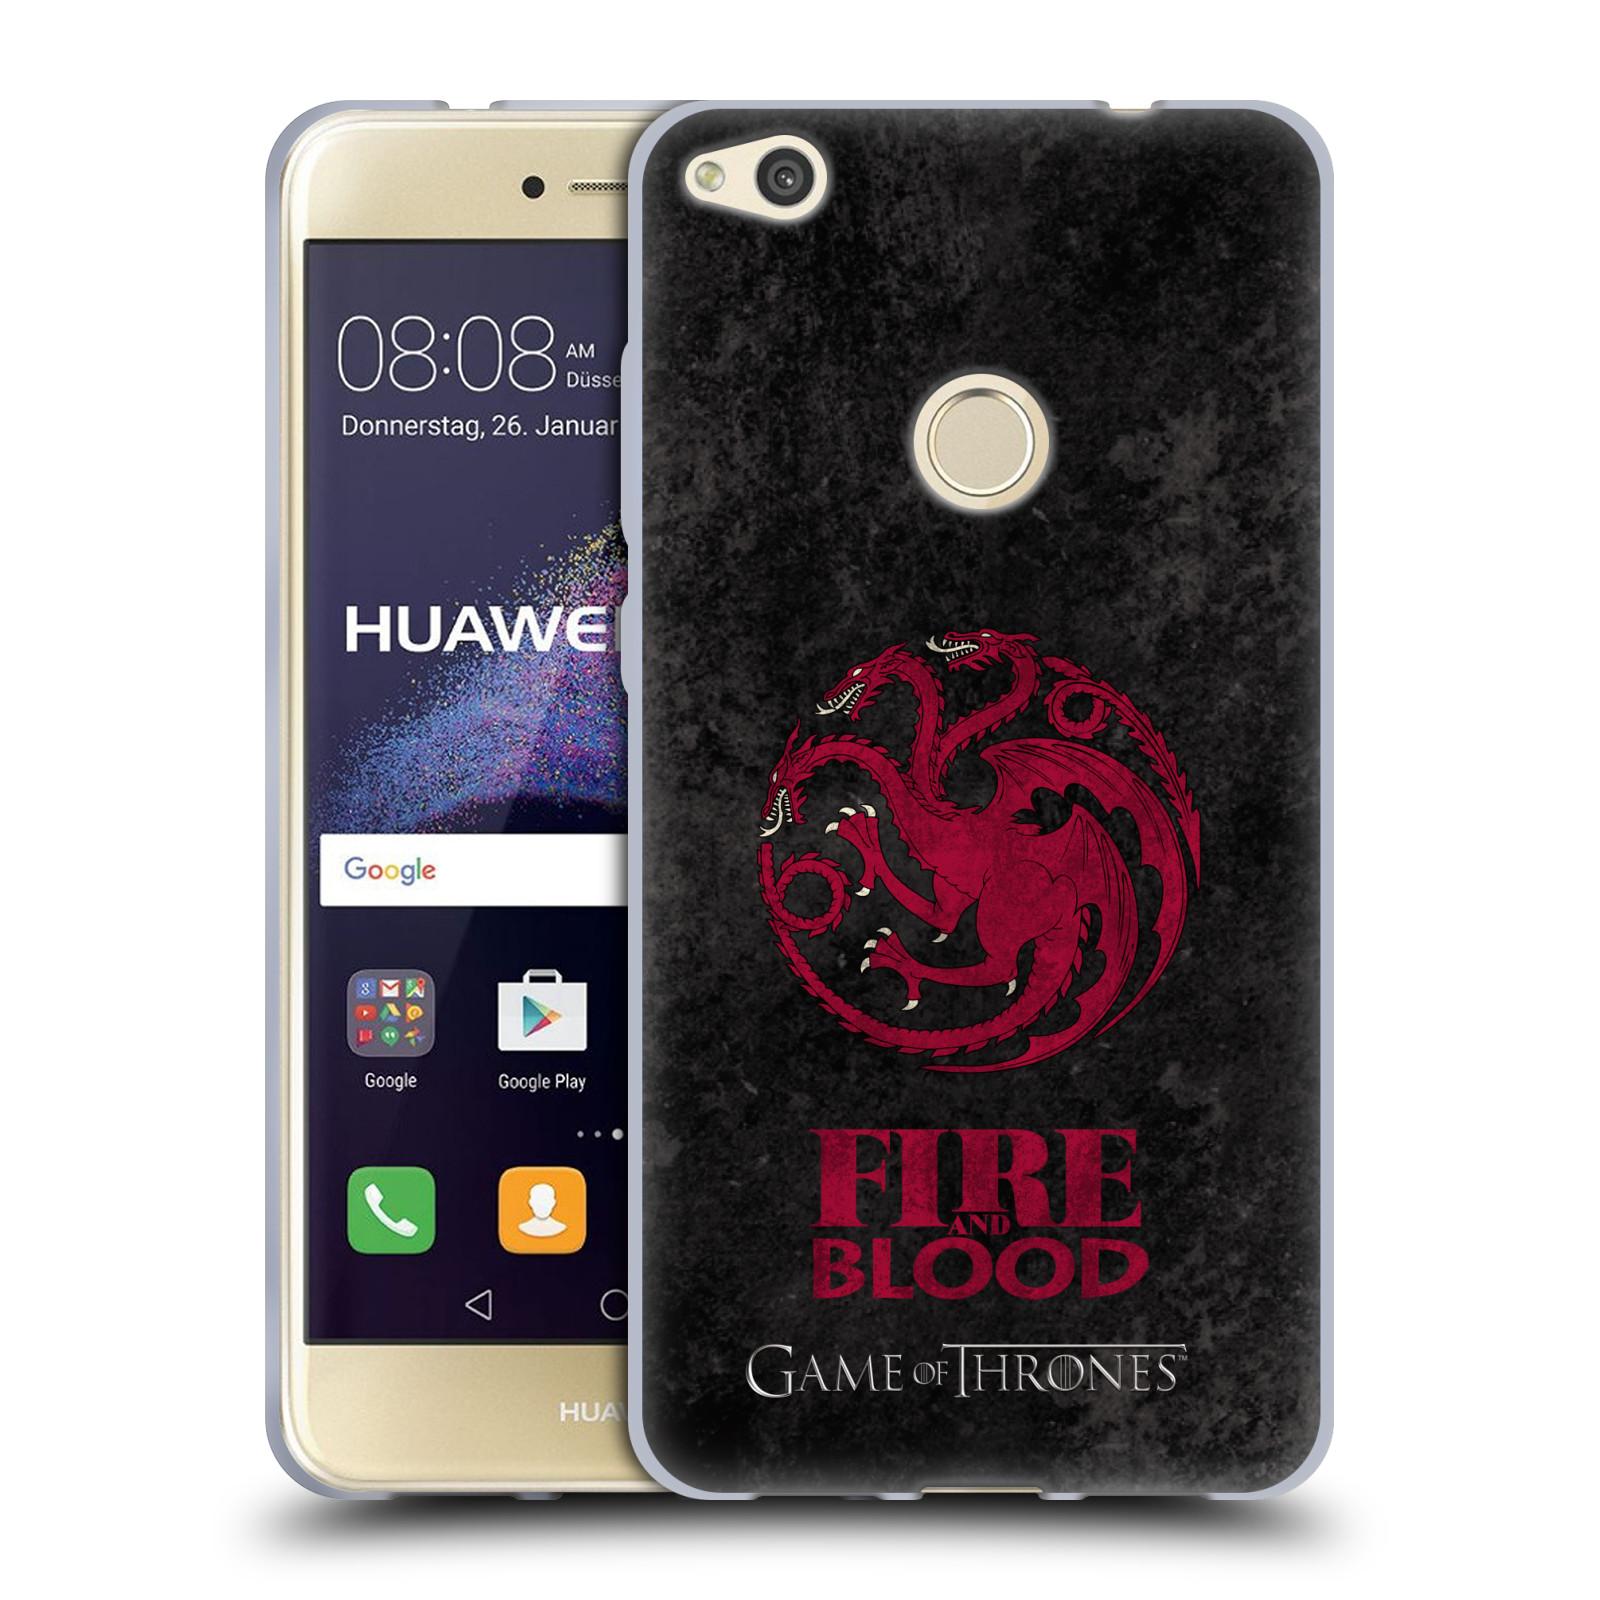 Silikonové pouzdro na mobil Huawei P9 Lite (2017) HEAD CASE Hra o trůny - Sigils Targaryen - Fire and Blood